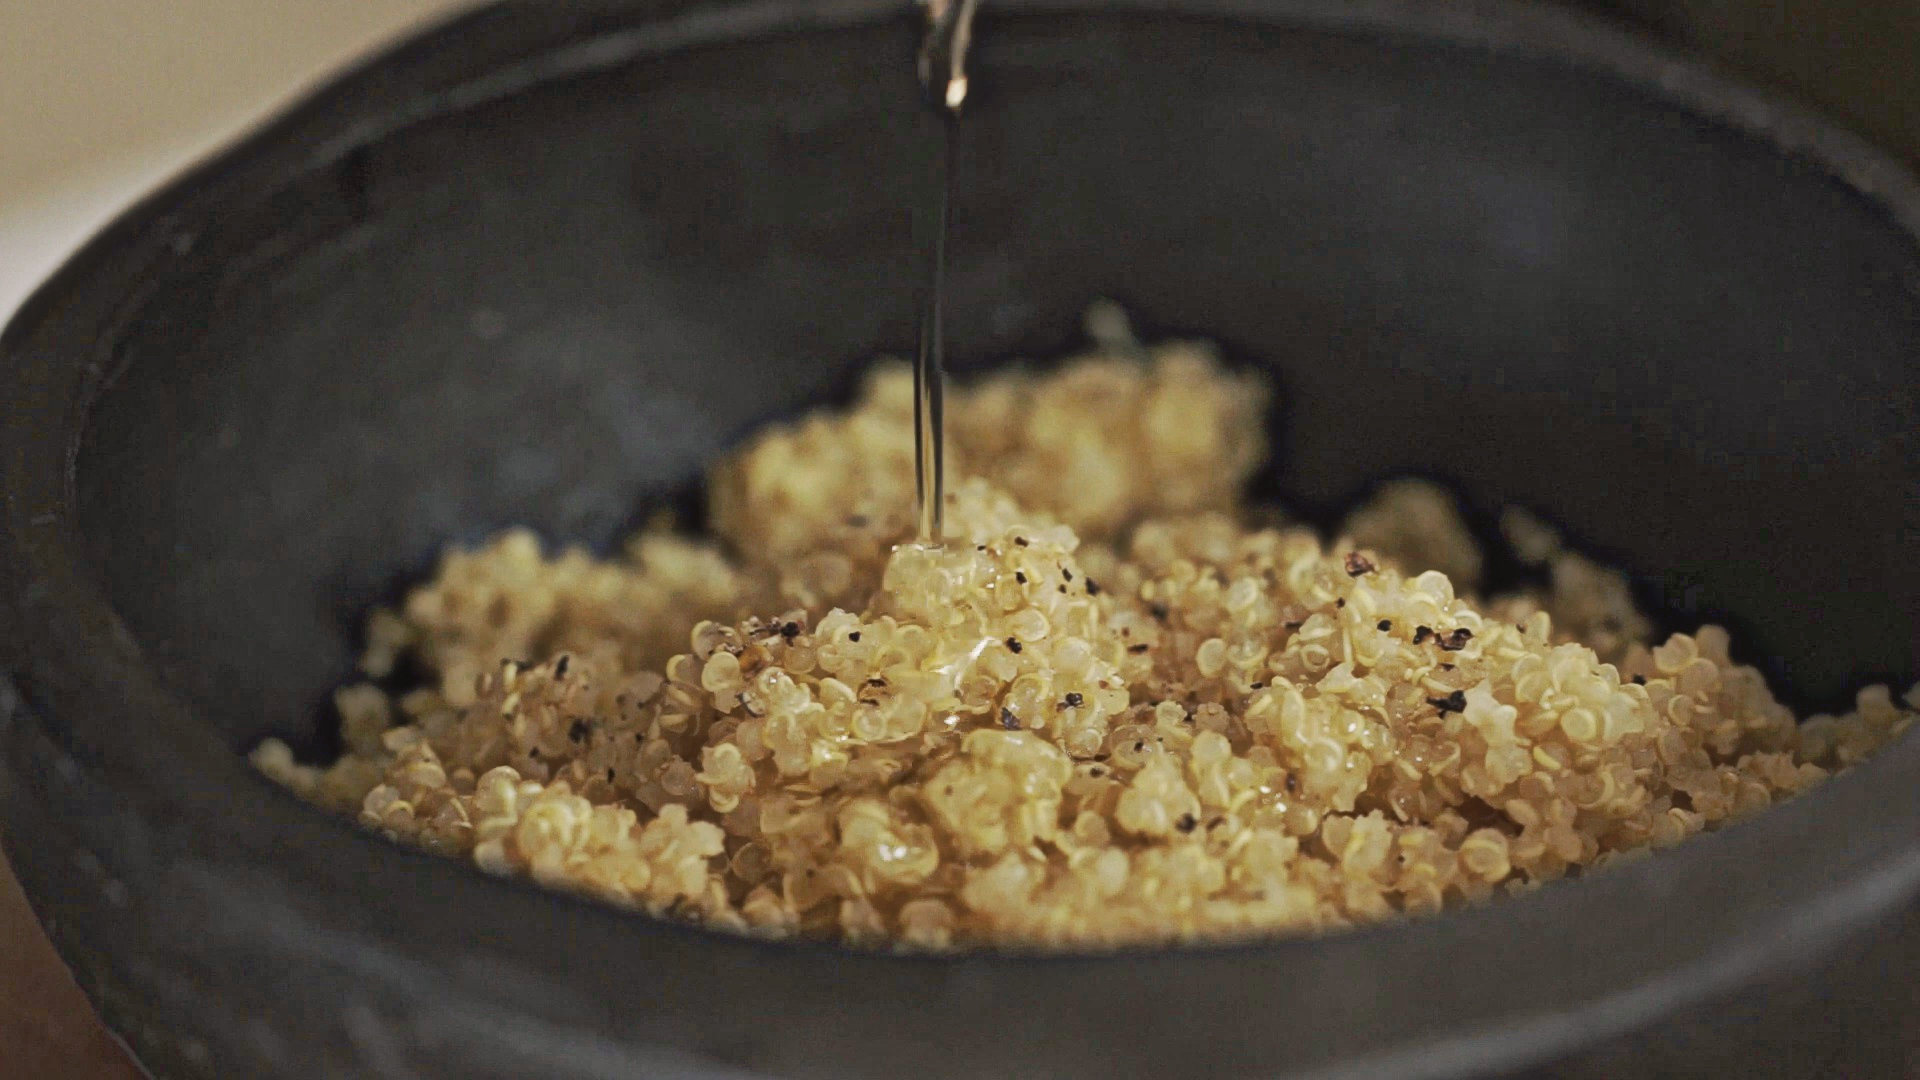 Preparacion basica de la quinua